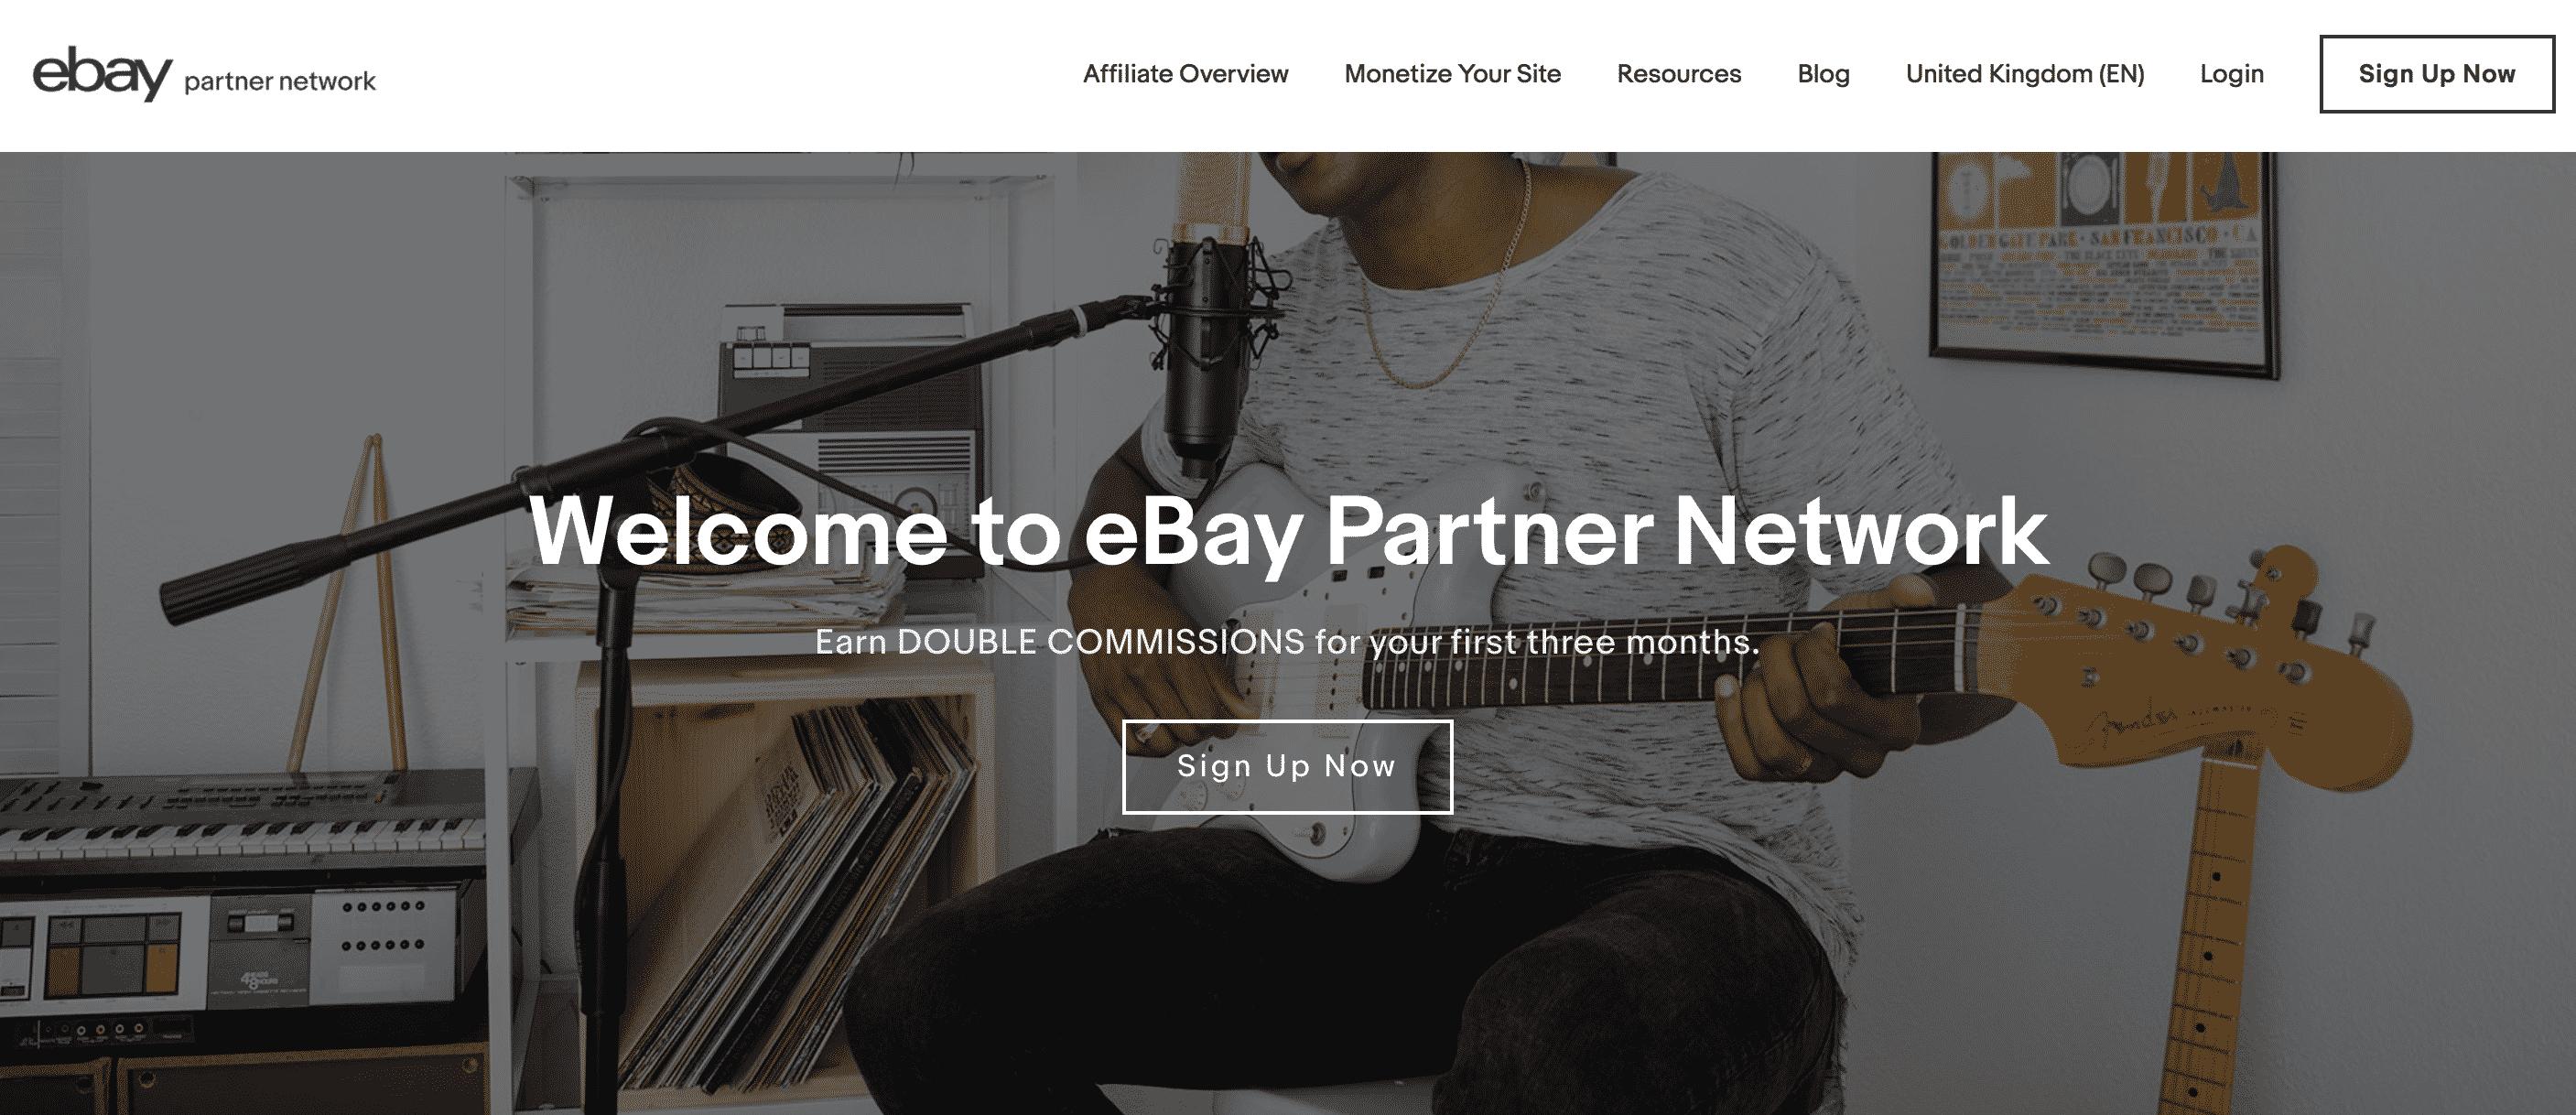 eBay Affiliates Website